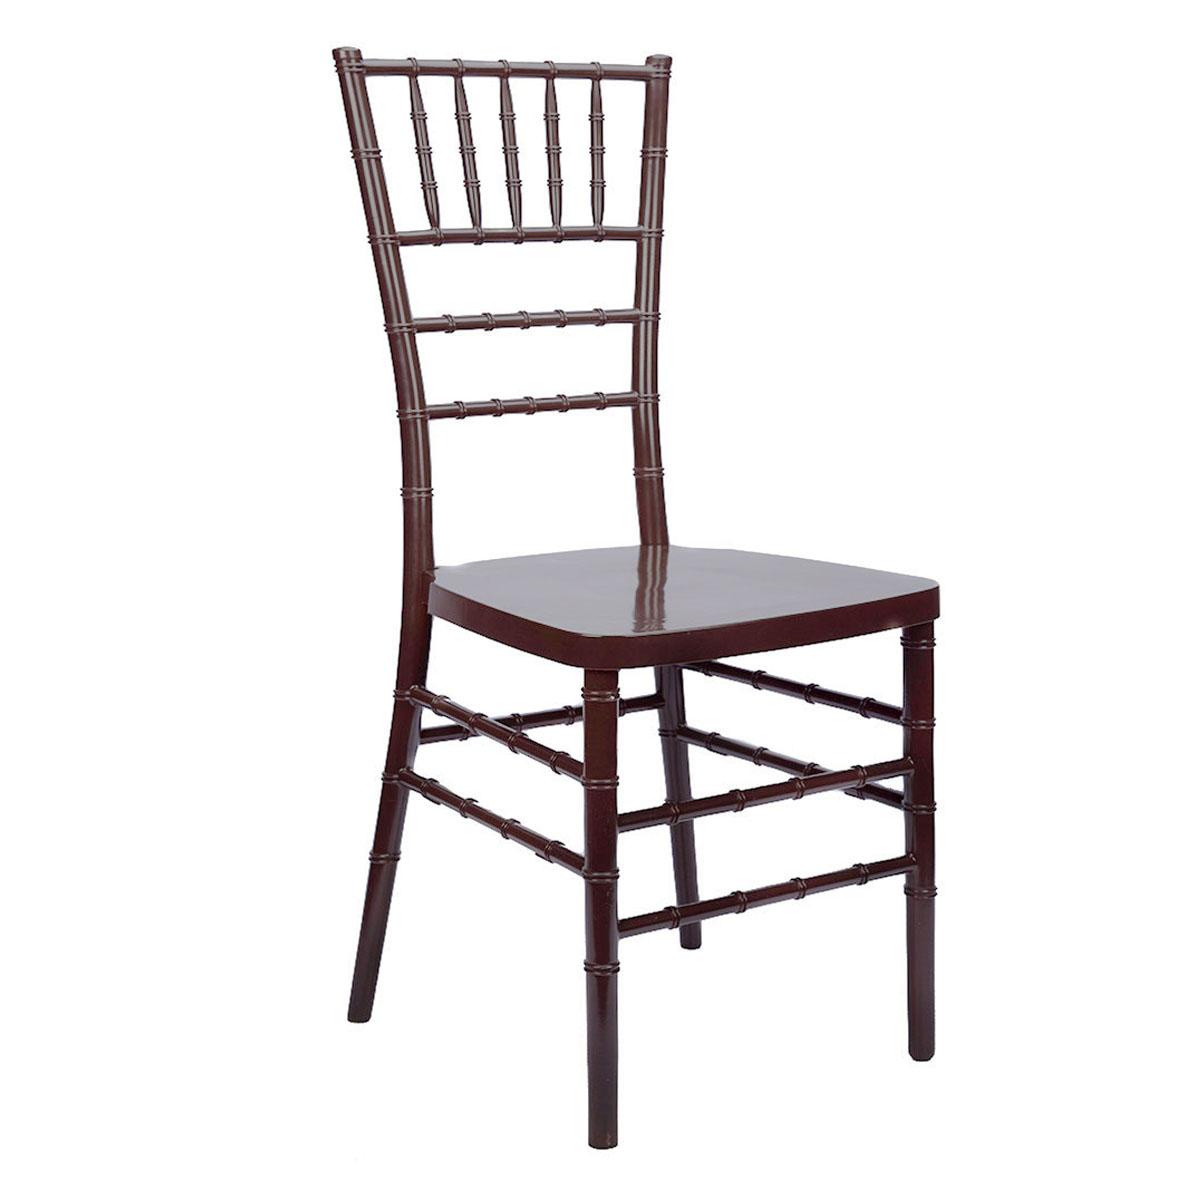 chaise chiavari polypropyl ne vente de mobilier de r ception. Black Bedroom Furniture Sets. Home Design Ideas